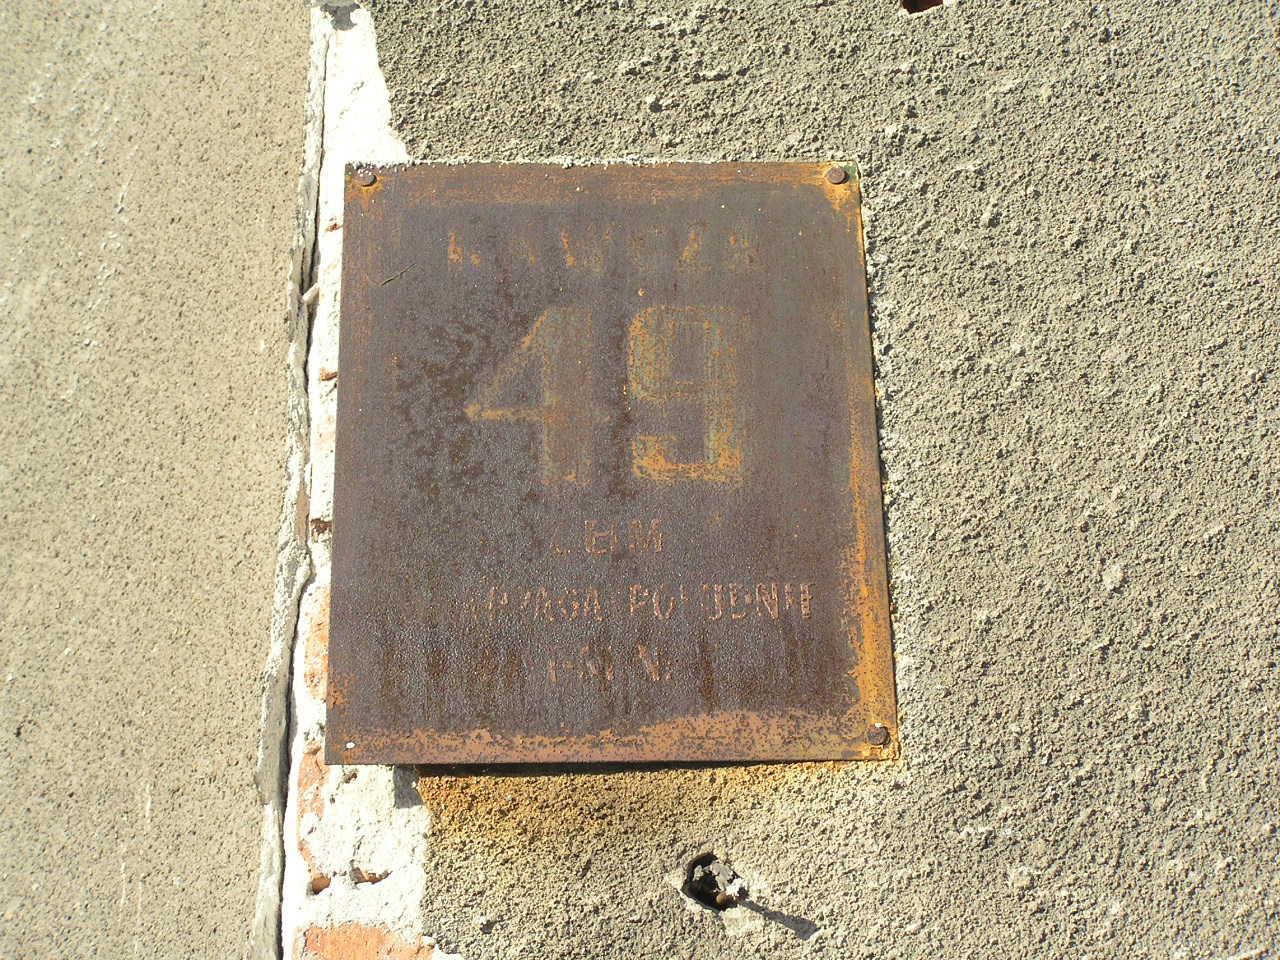 Tabliczka adresowa przy ulicy Kawczej 49 na Grochowie